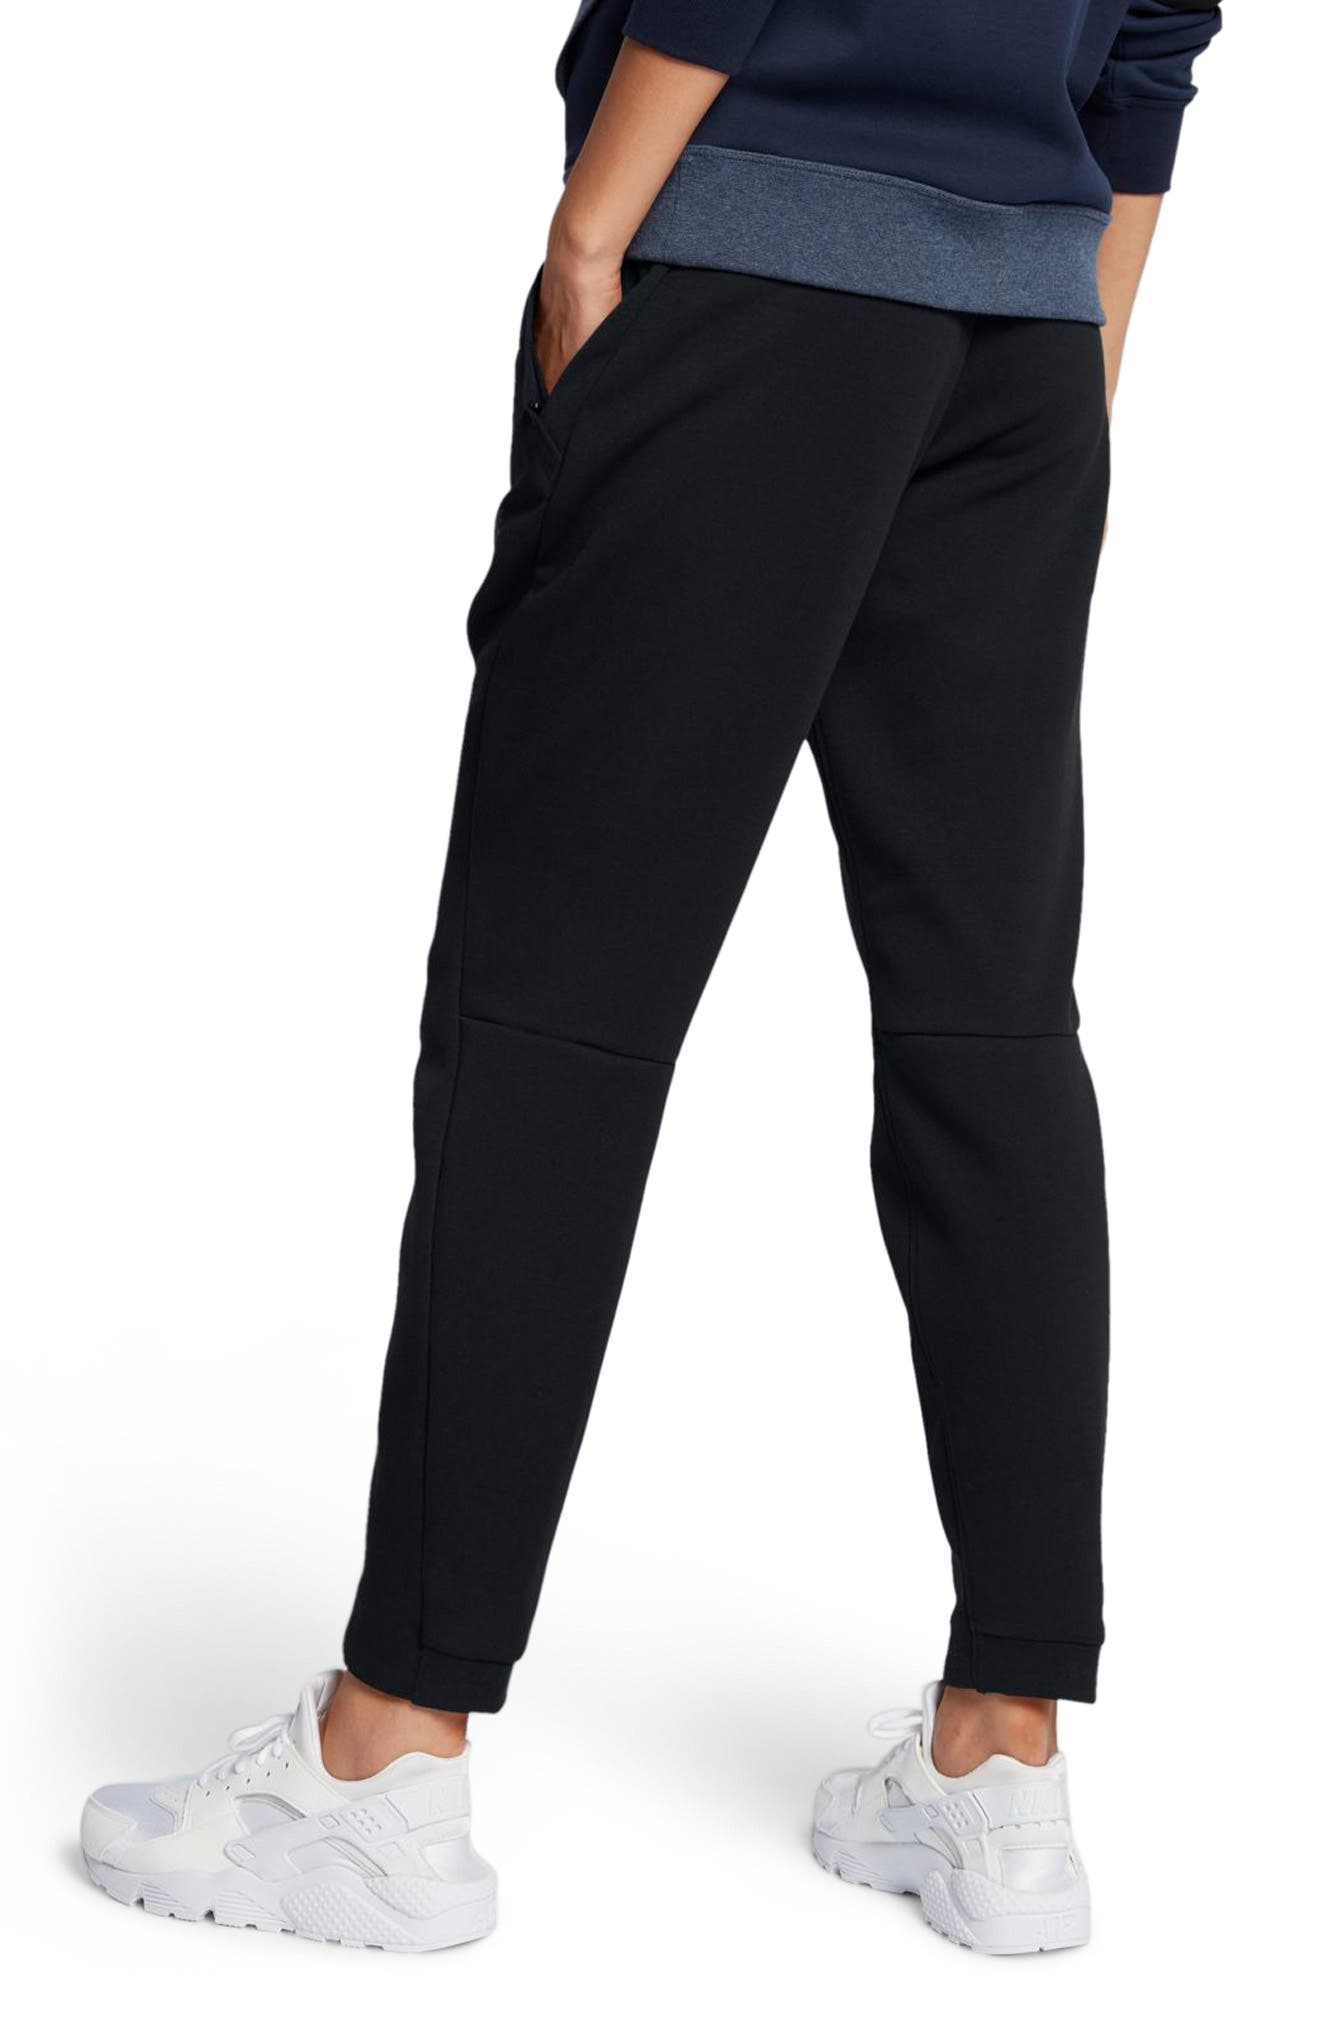 Sportswear Women's Tech Fleece Pants,                             Alternate thumbnail 2, color,